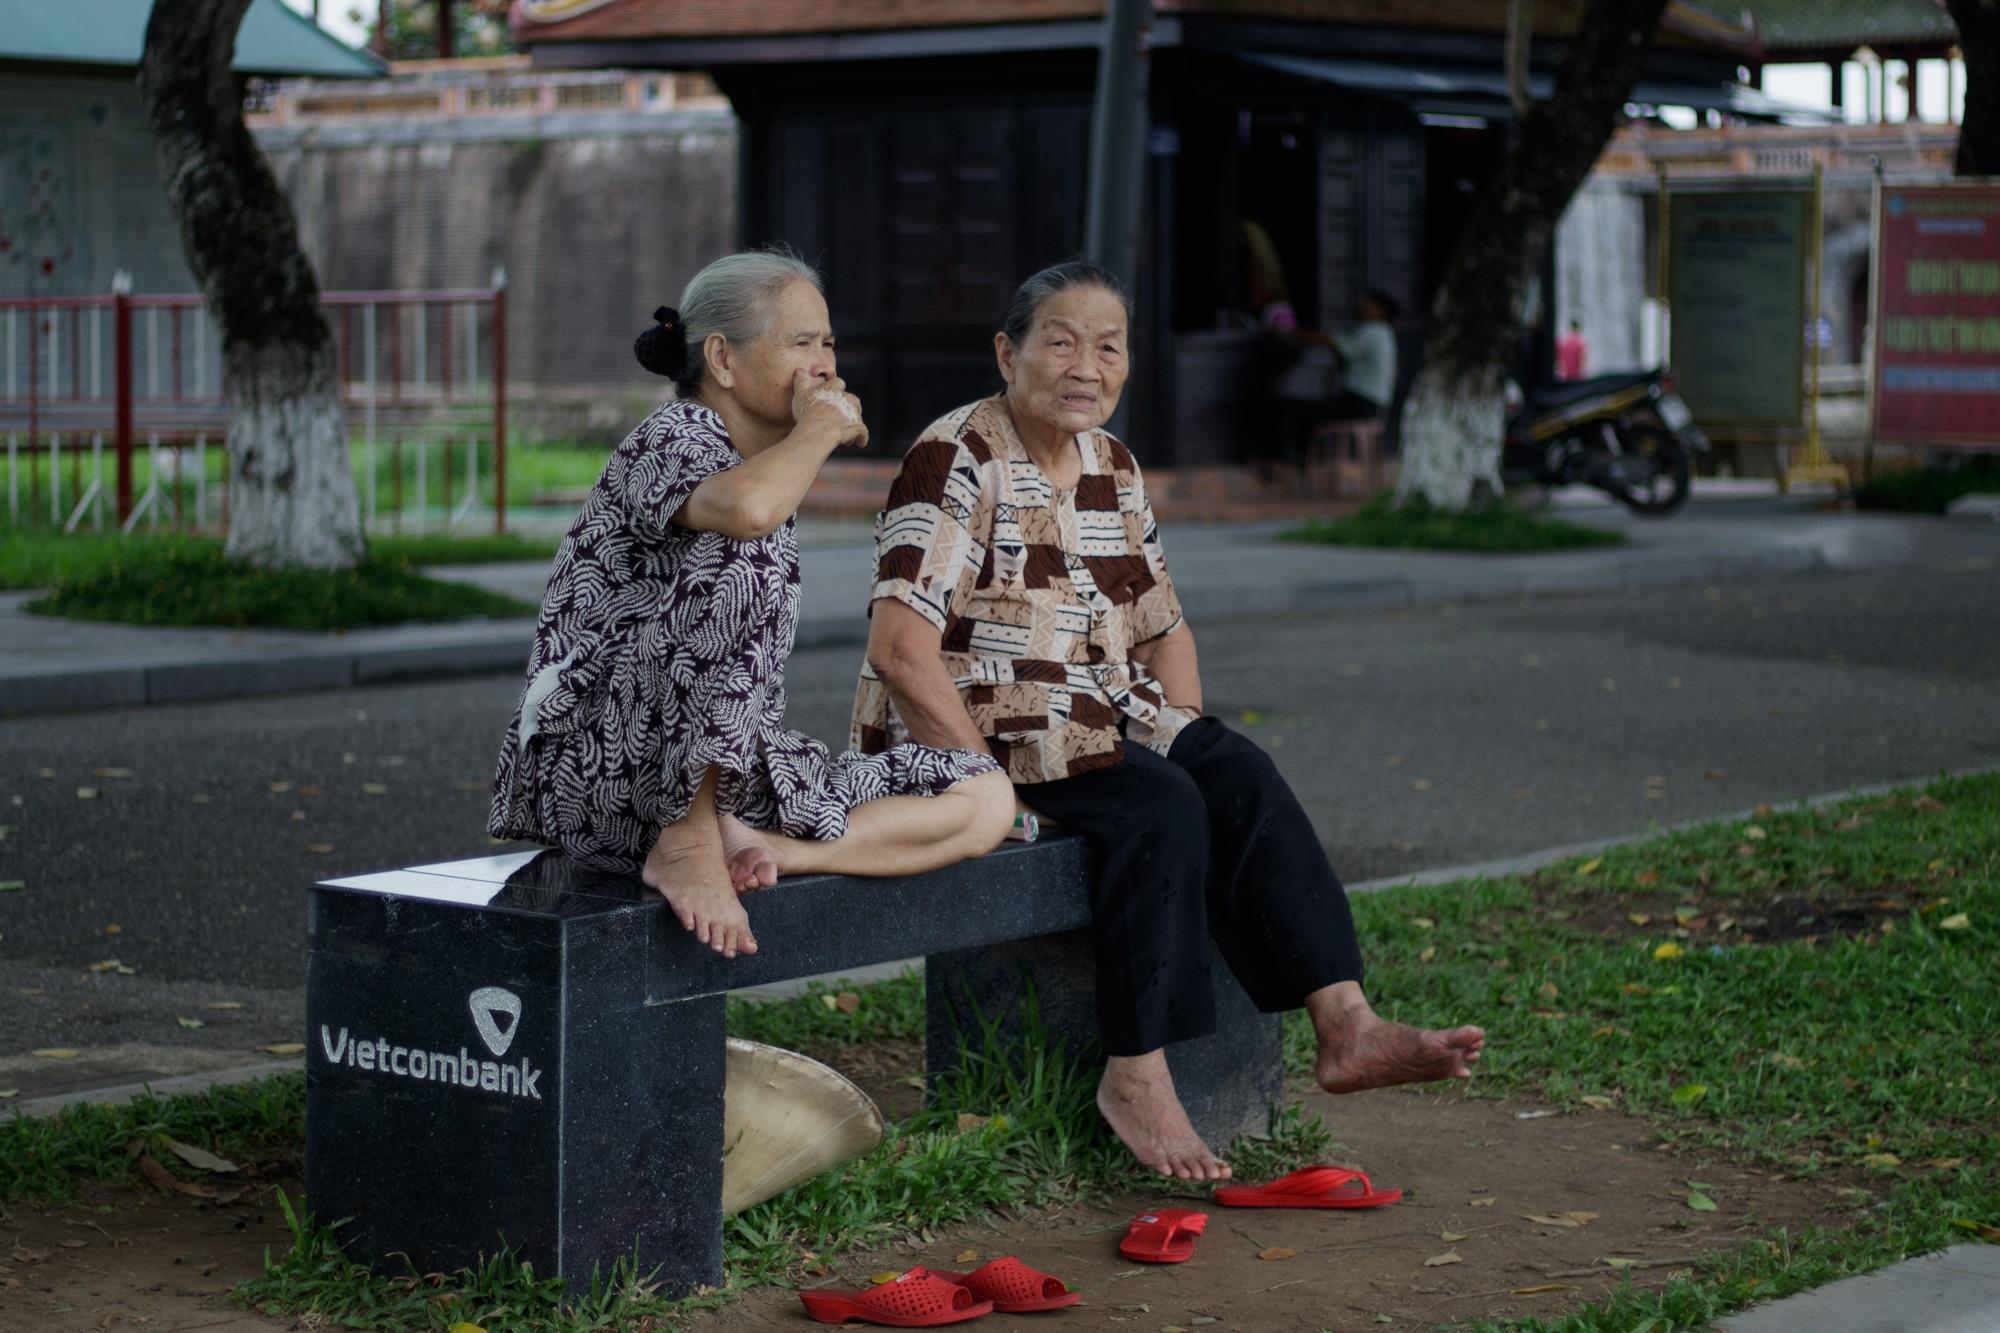 Elderly women photographed in Hue, Vietnam.